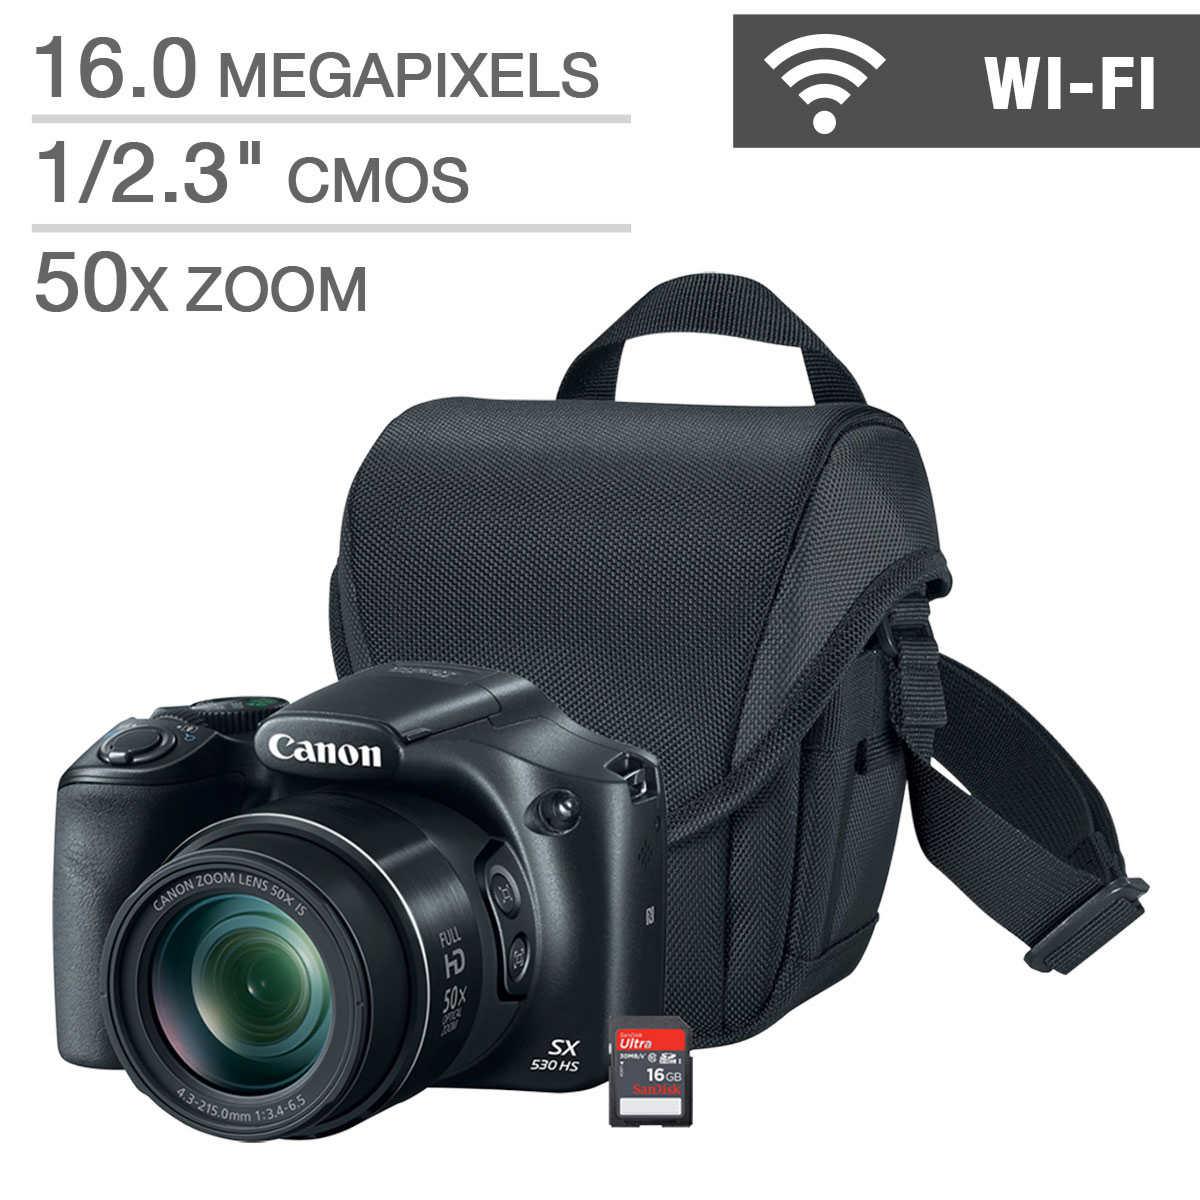 Camaras fotograficas canon en costa rica 18